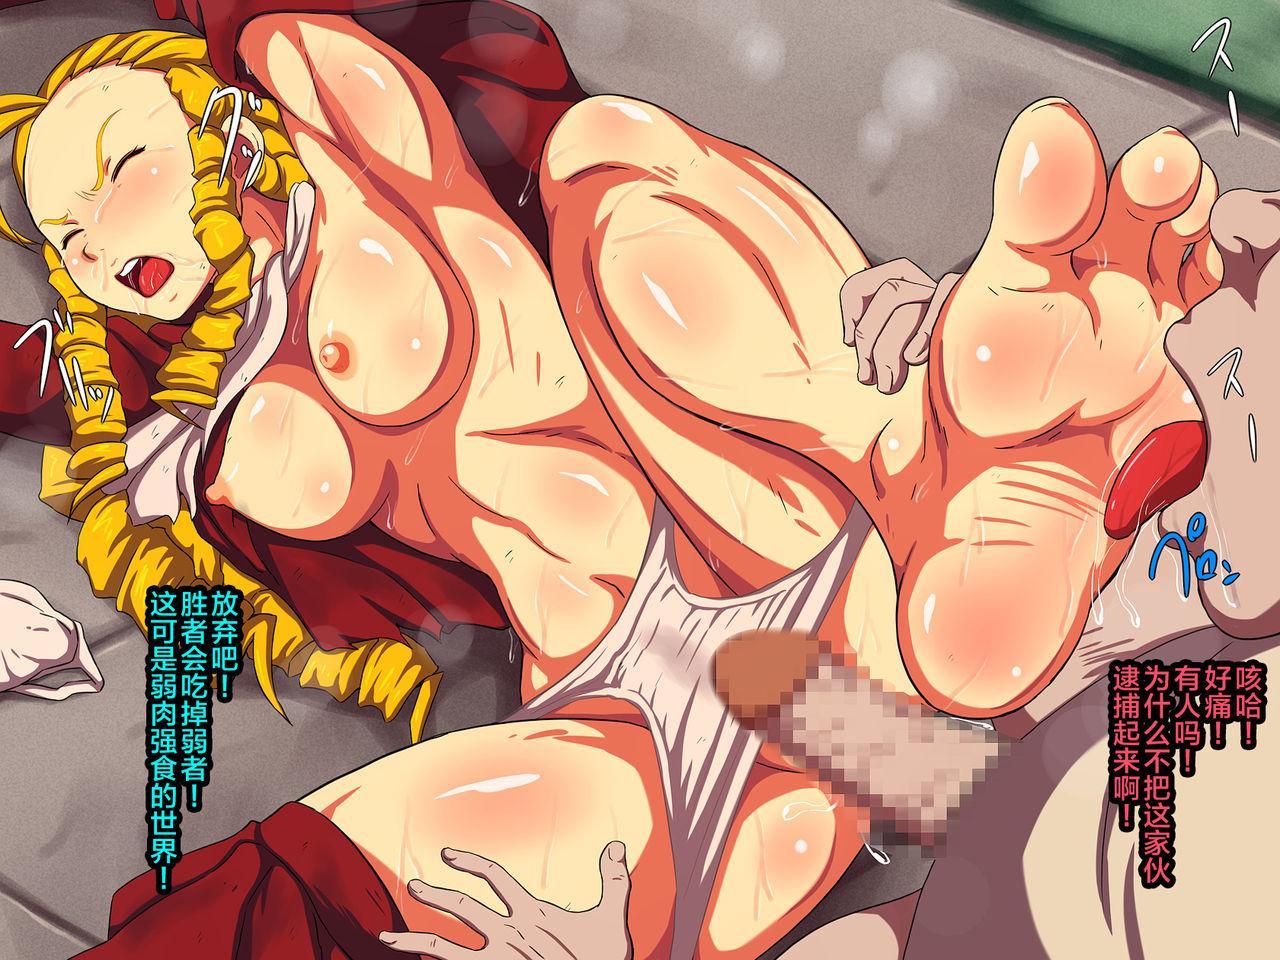 [L-u (Makura no Doushi)] Kegasareta Ojou-sama -Tights ni Shimiru Jiru- (Street Fighter) [Chinese] [新桥月白日语社] 150